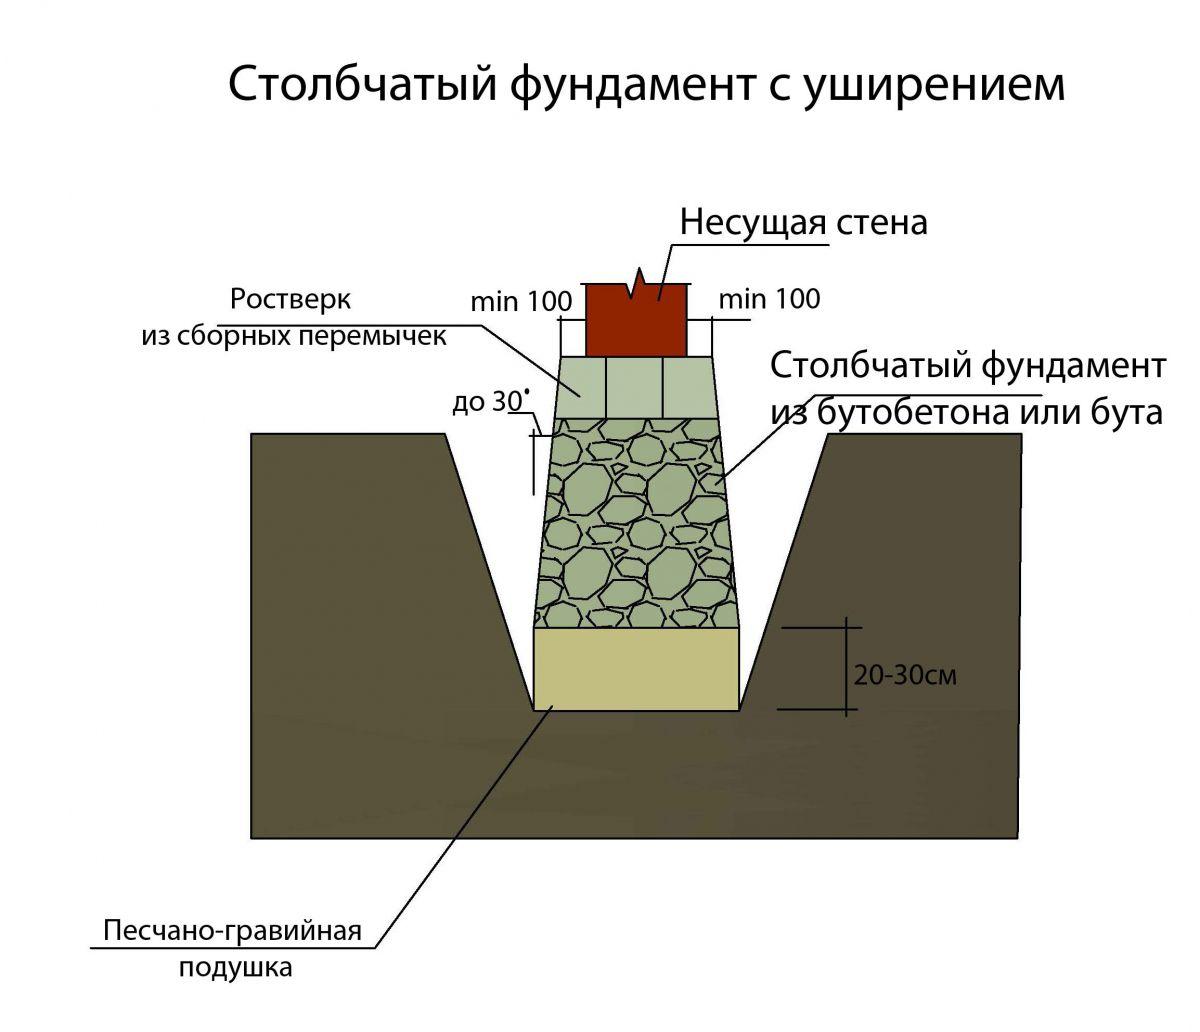 Стоимость ленточного фундамента 6 на 8 Одинцовский район